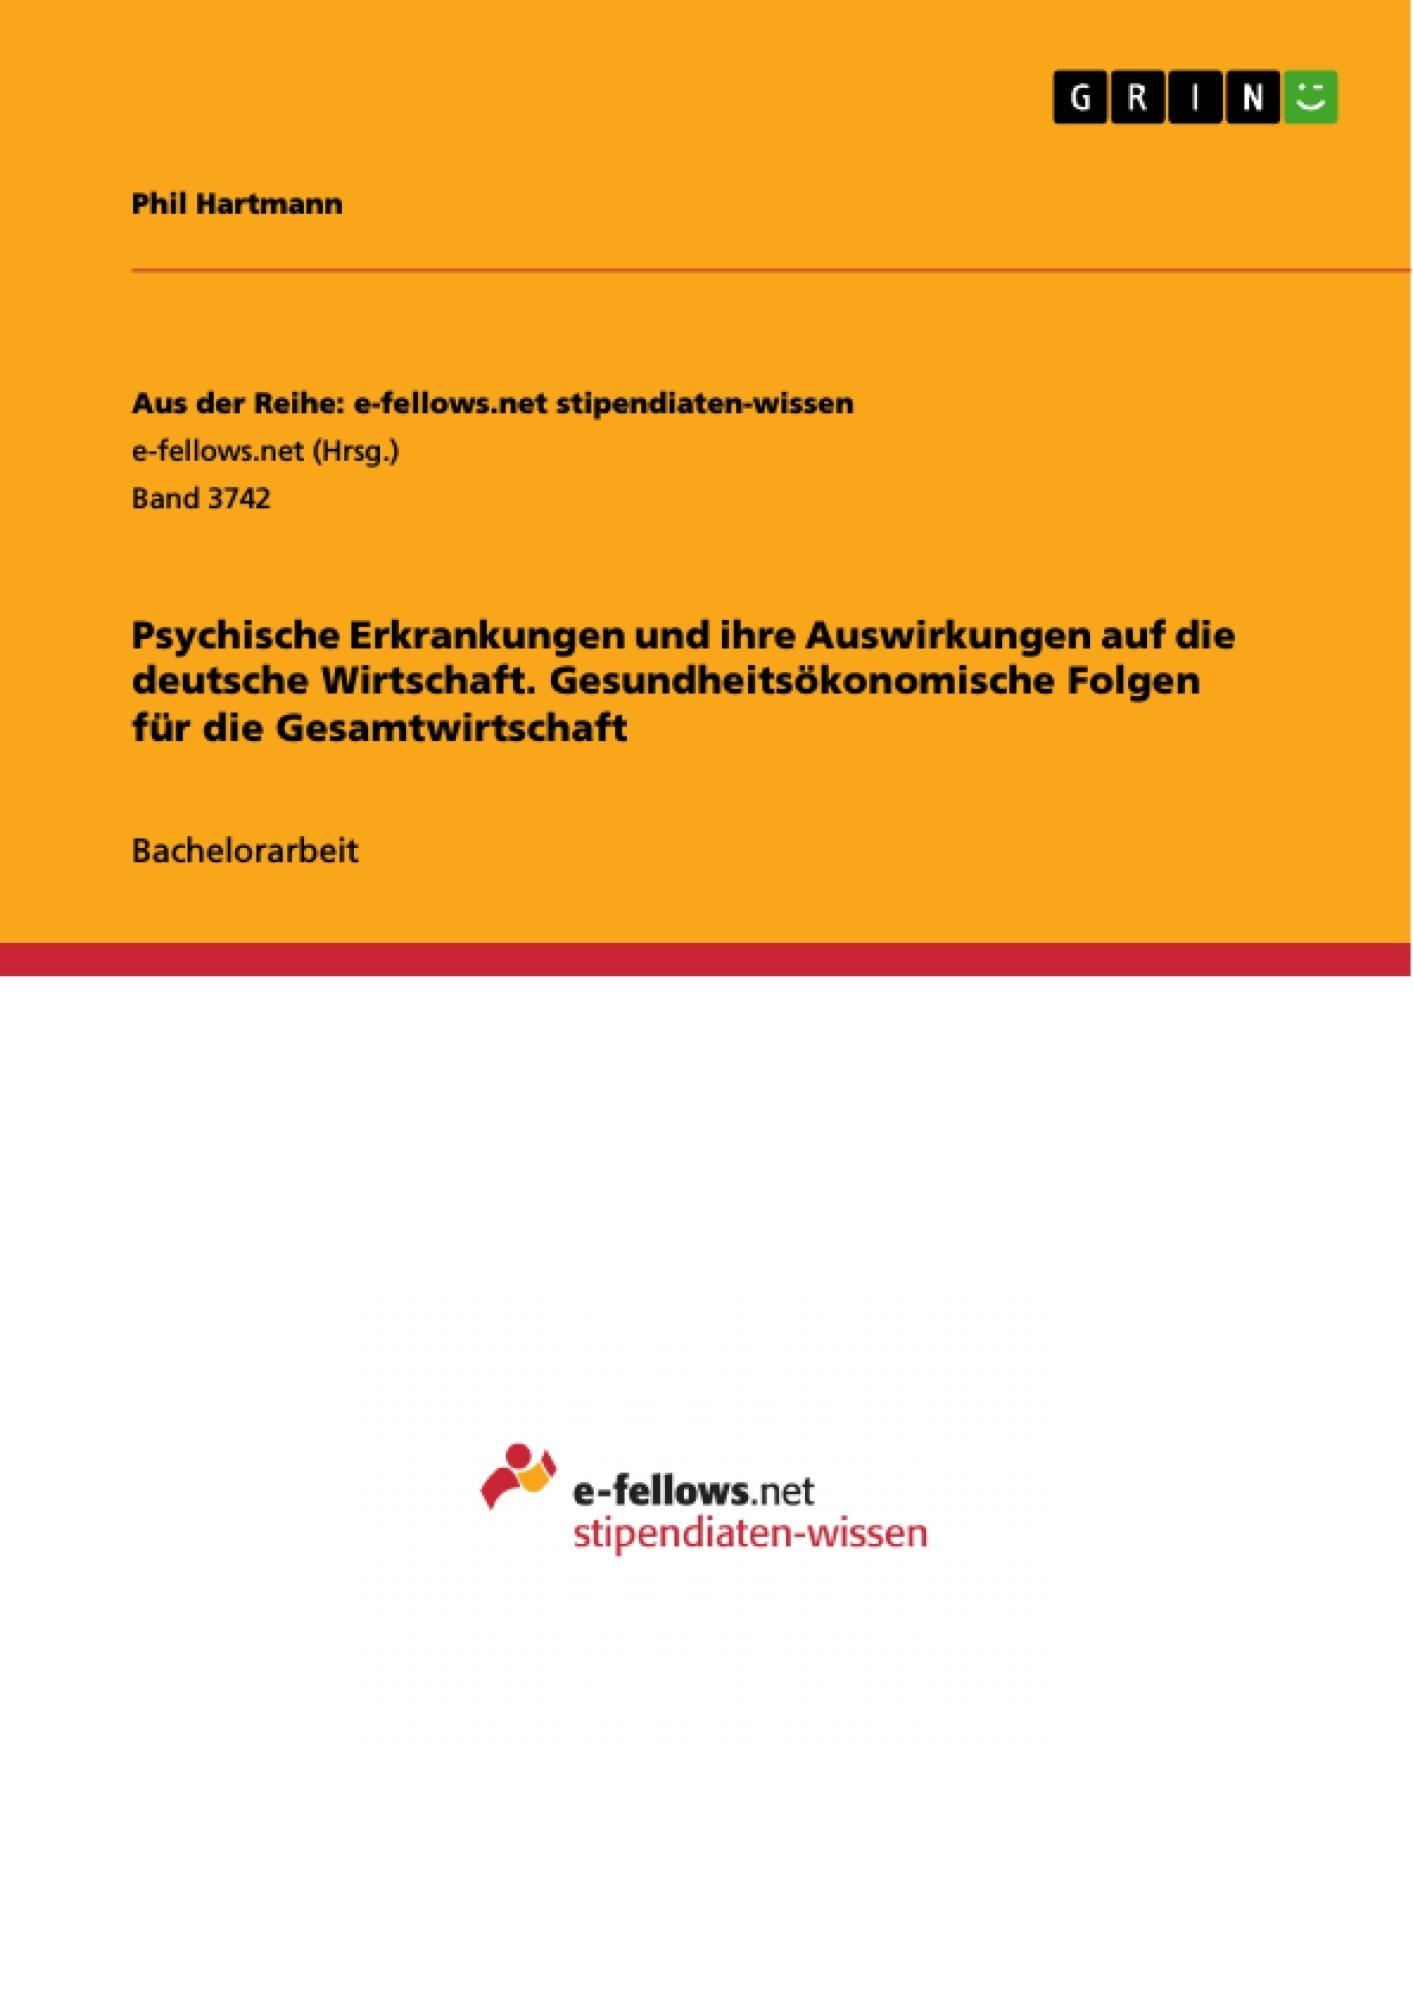 Titel: Psychische Erkrankungen und ihre Auswirkungen auf die deutsche Wirtschaft. Gesundheitsökonomische Folgen für die Gesamtwirtschaft